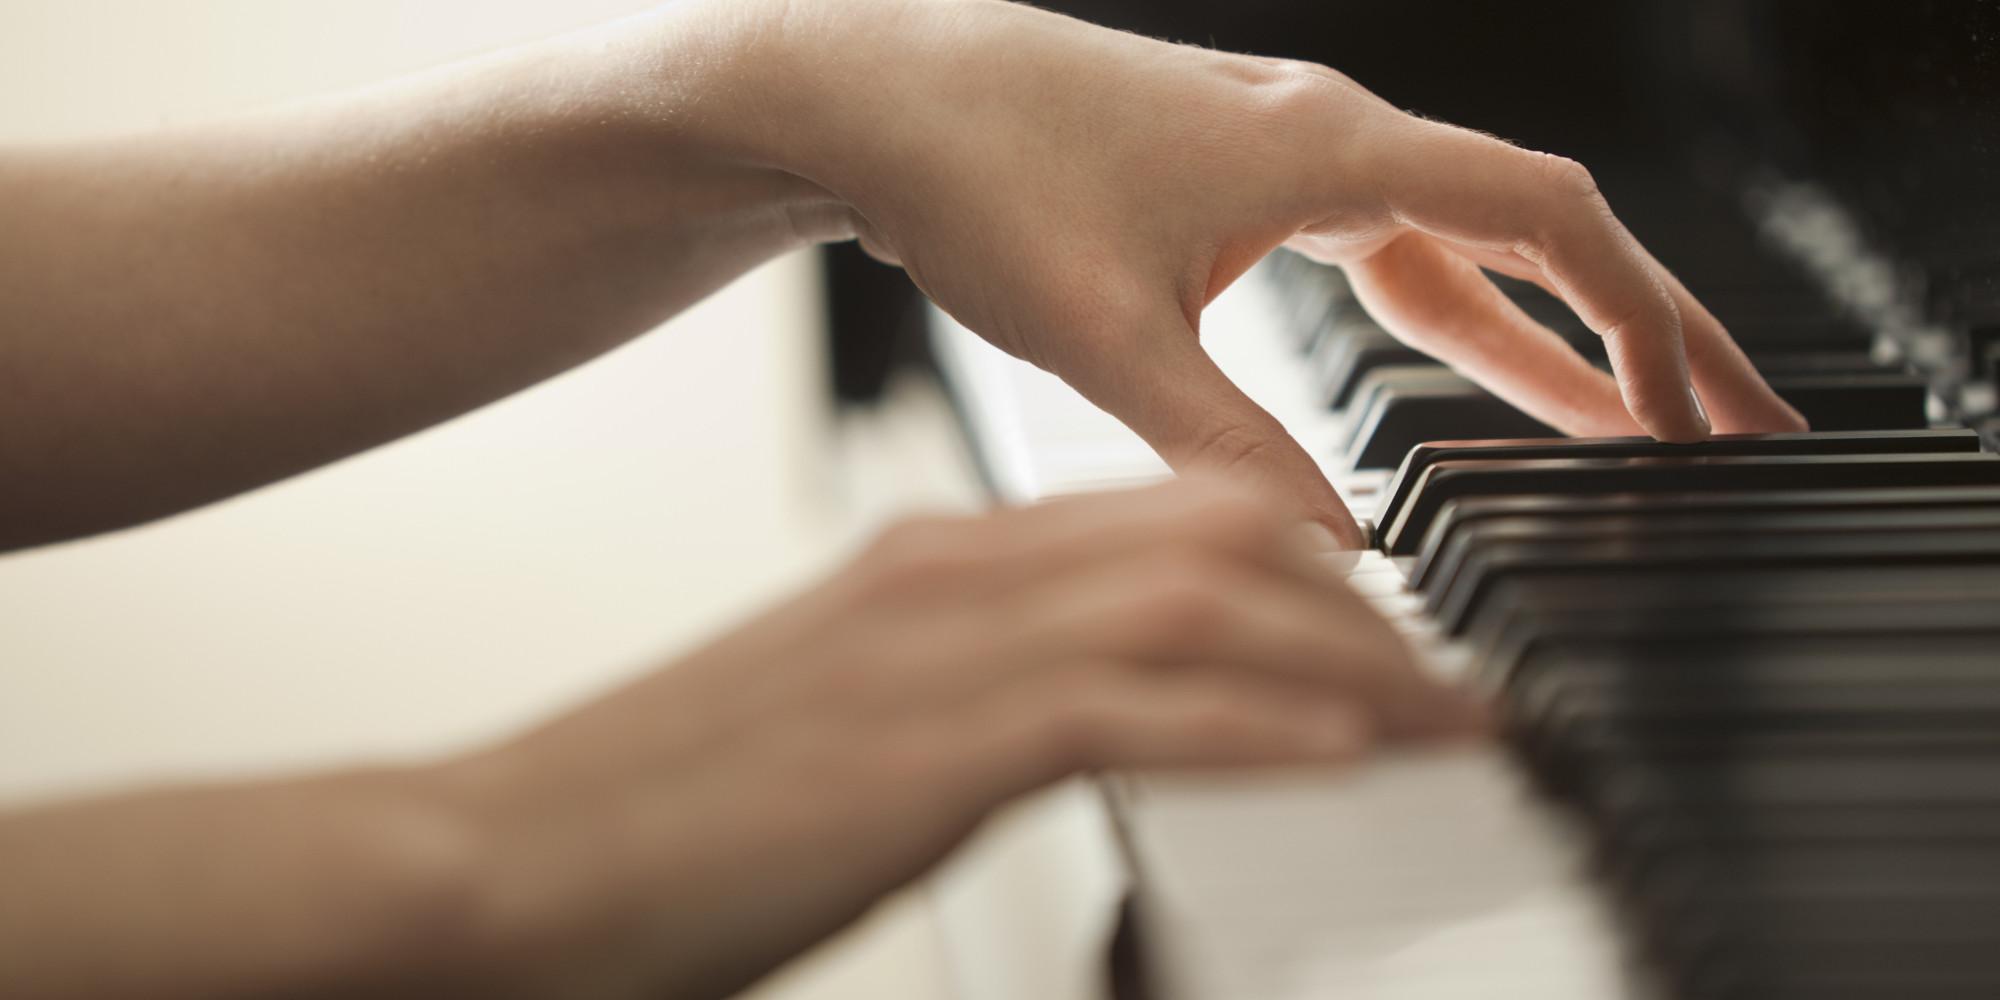 окна пальцы на фортепиано картинки артиста балета, которого